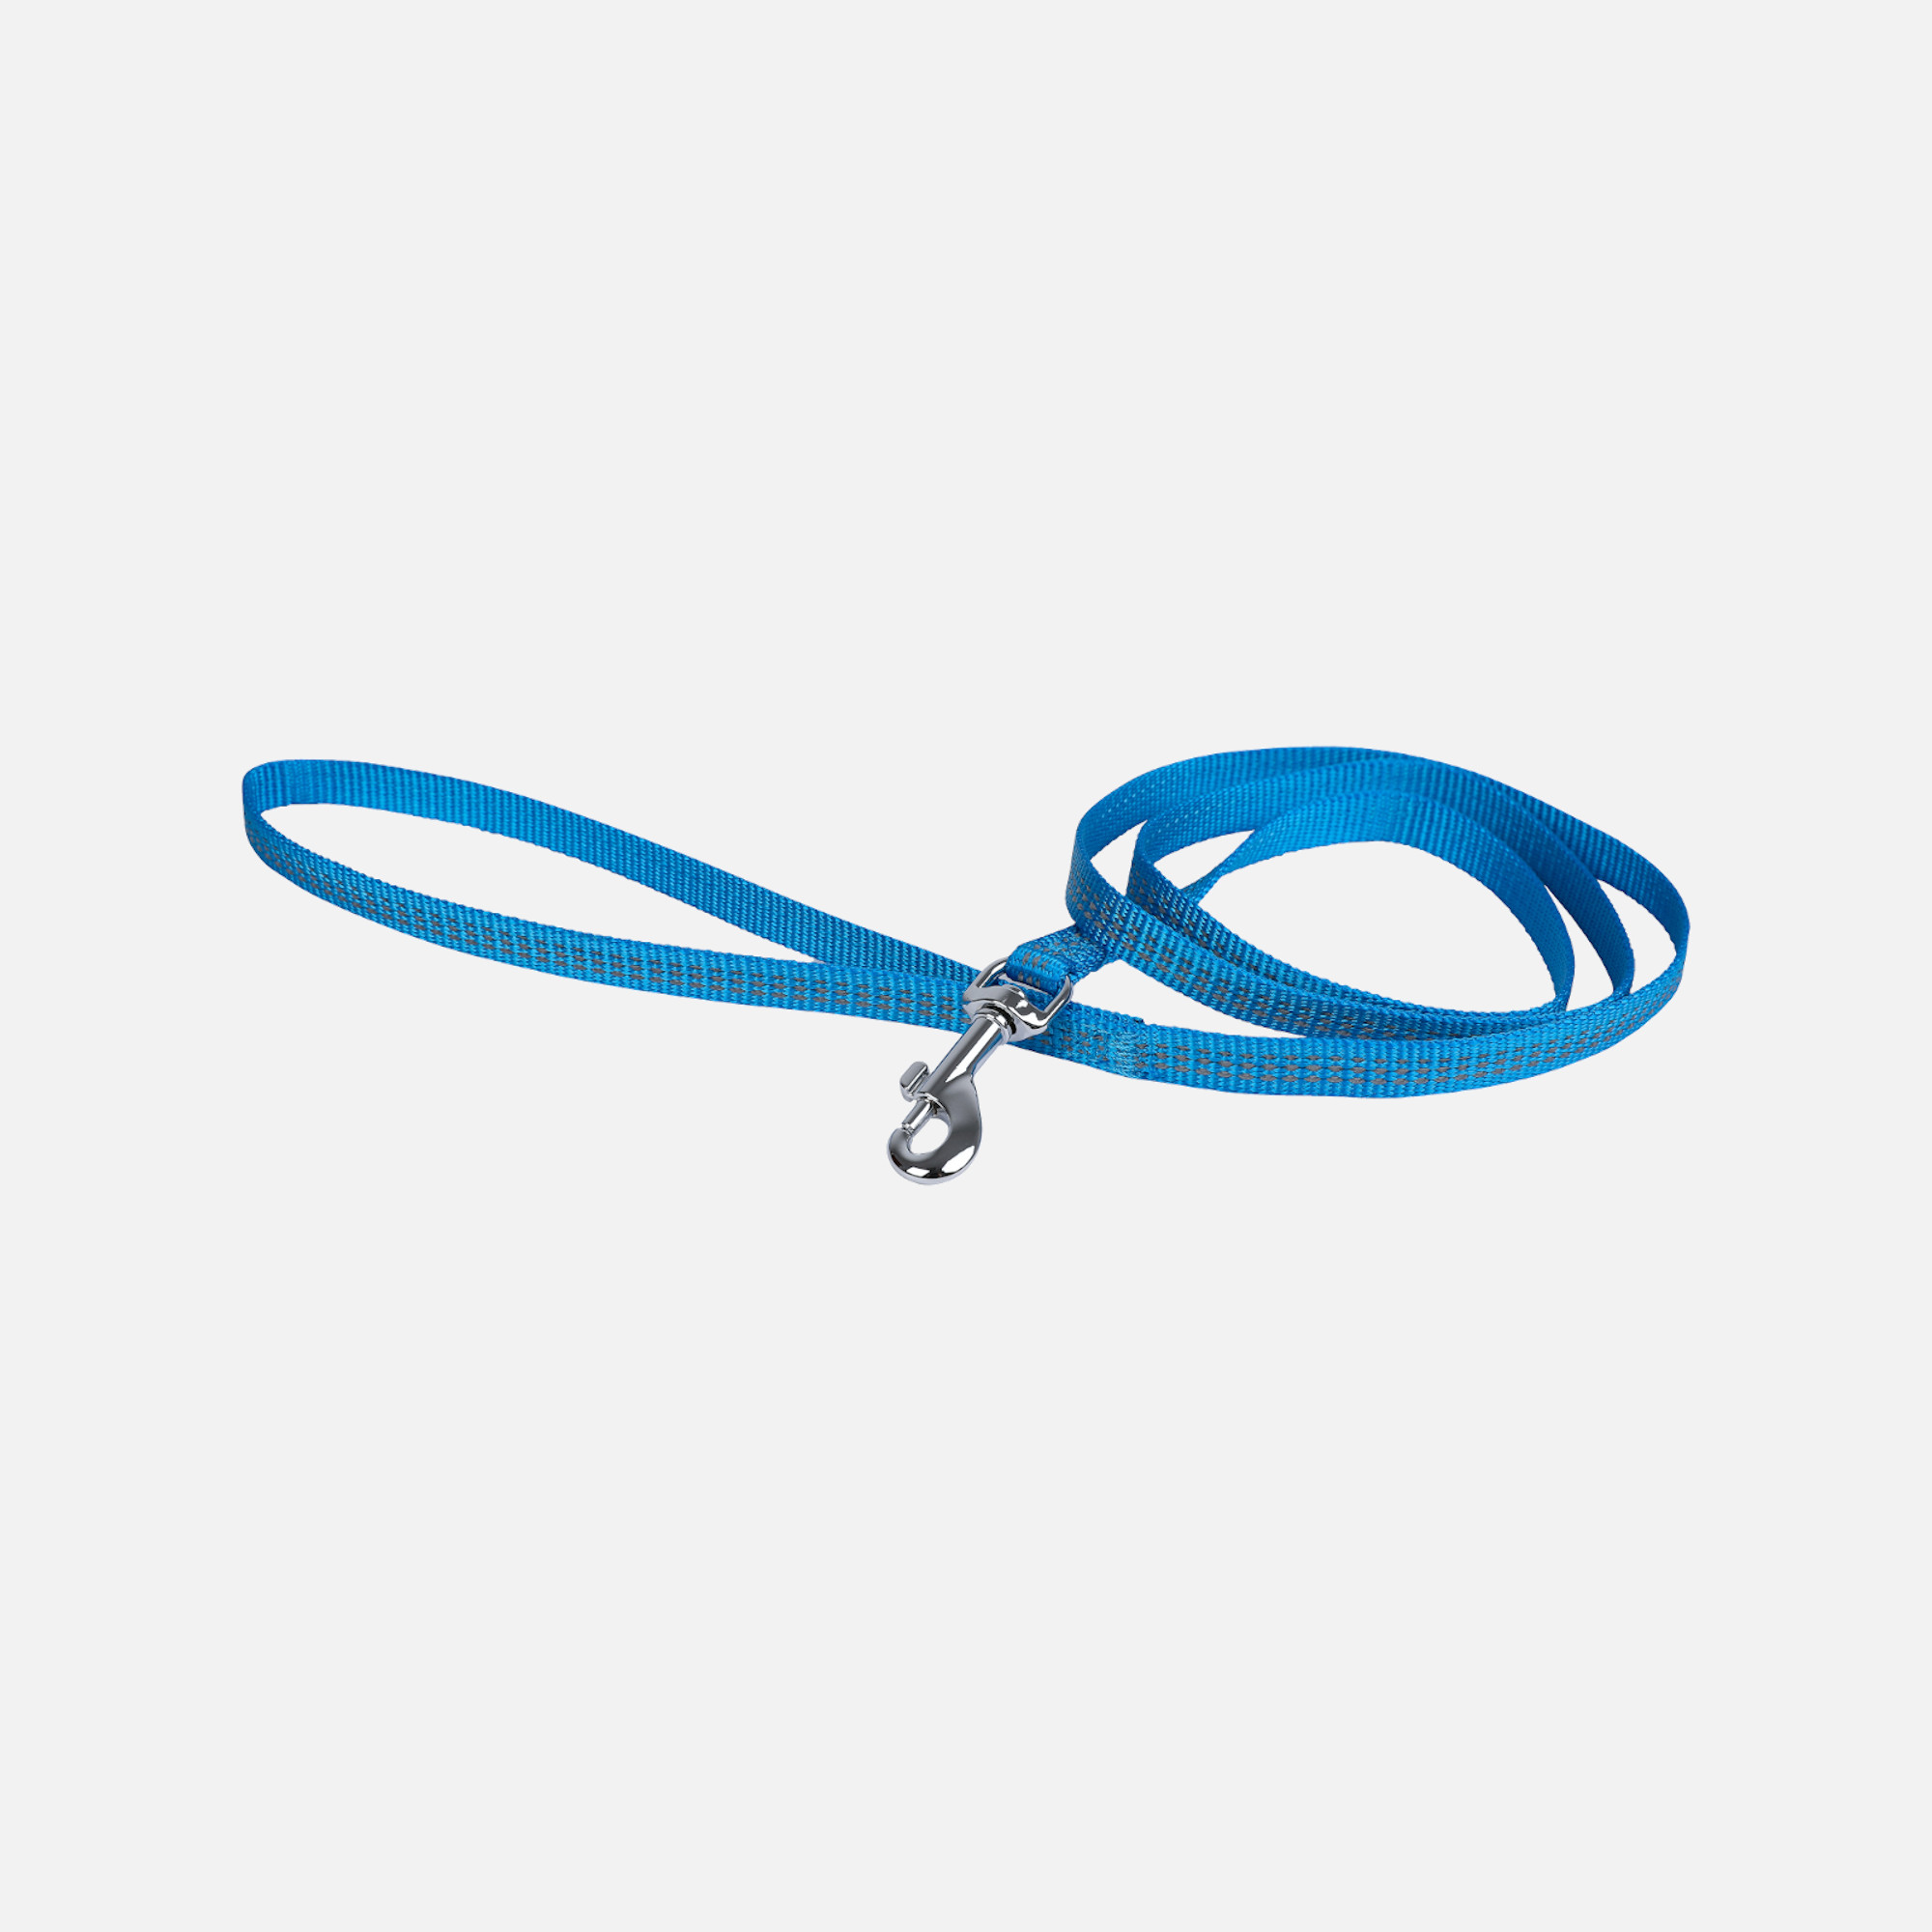 Laisse protect bleu 10mmx1,2m de wouapy